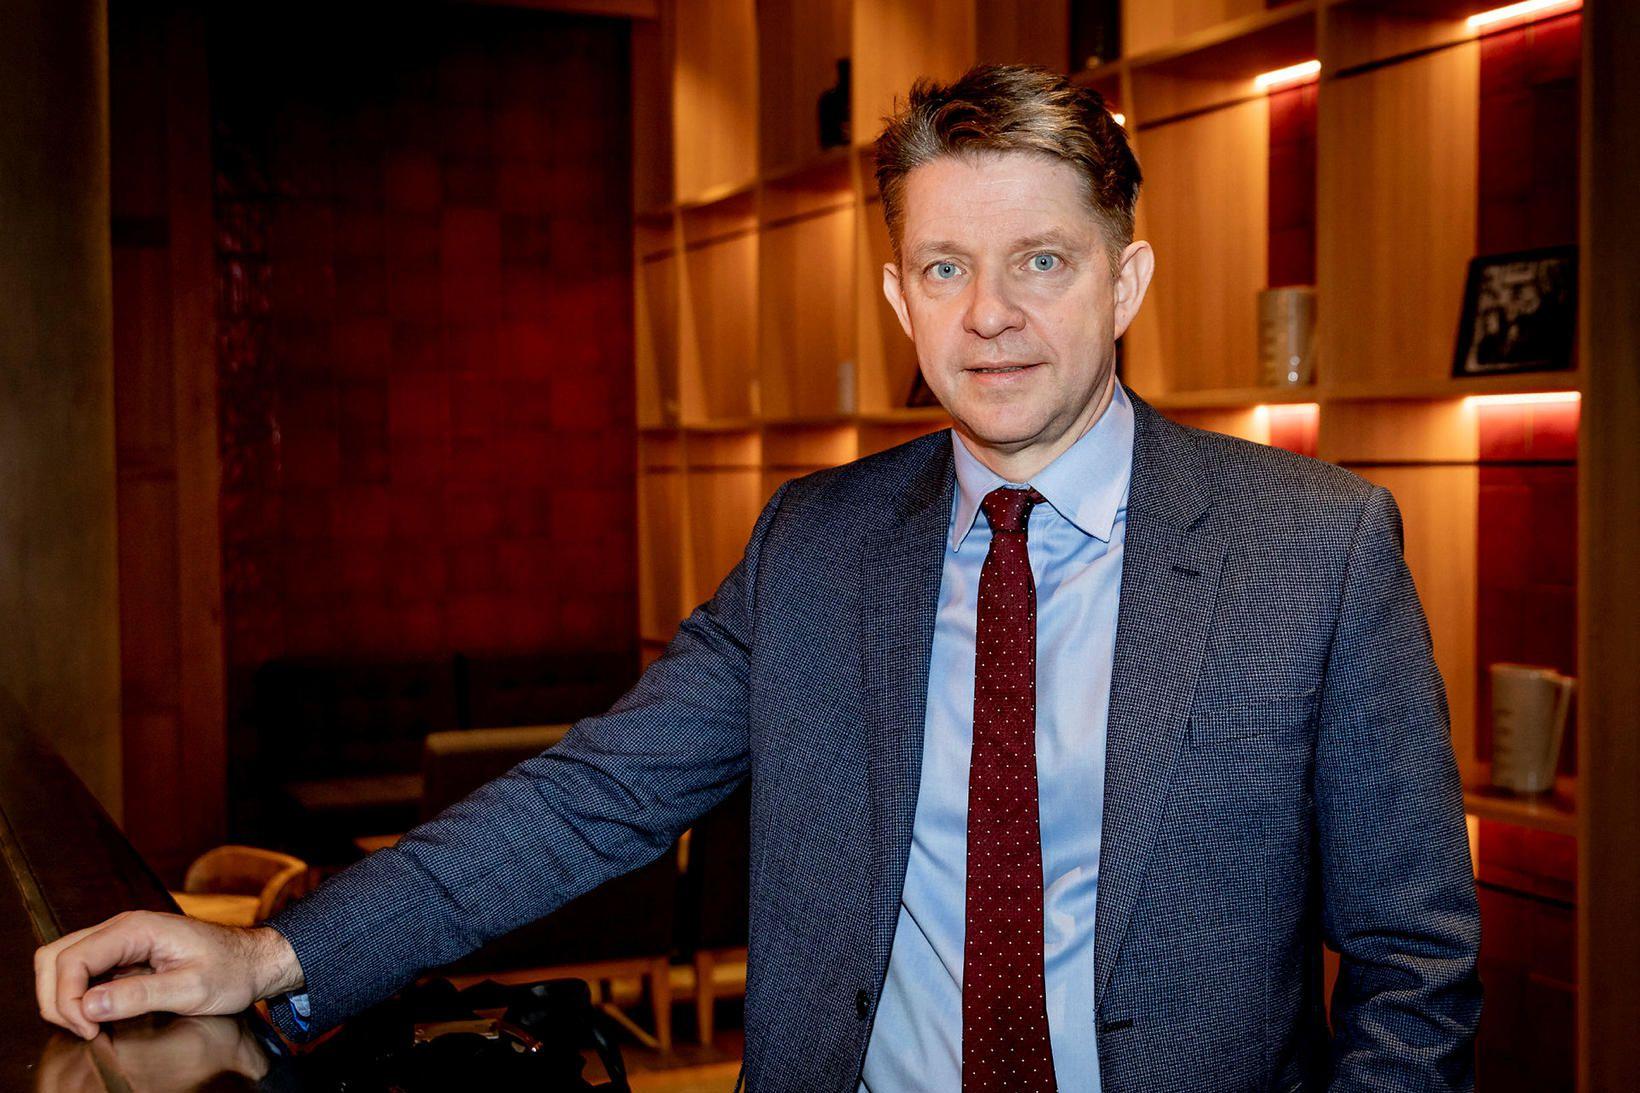 Bogi Nils Bogason, forstjóri Icelandair, segir frekari uppsagnir óhjákvæmilegar.